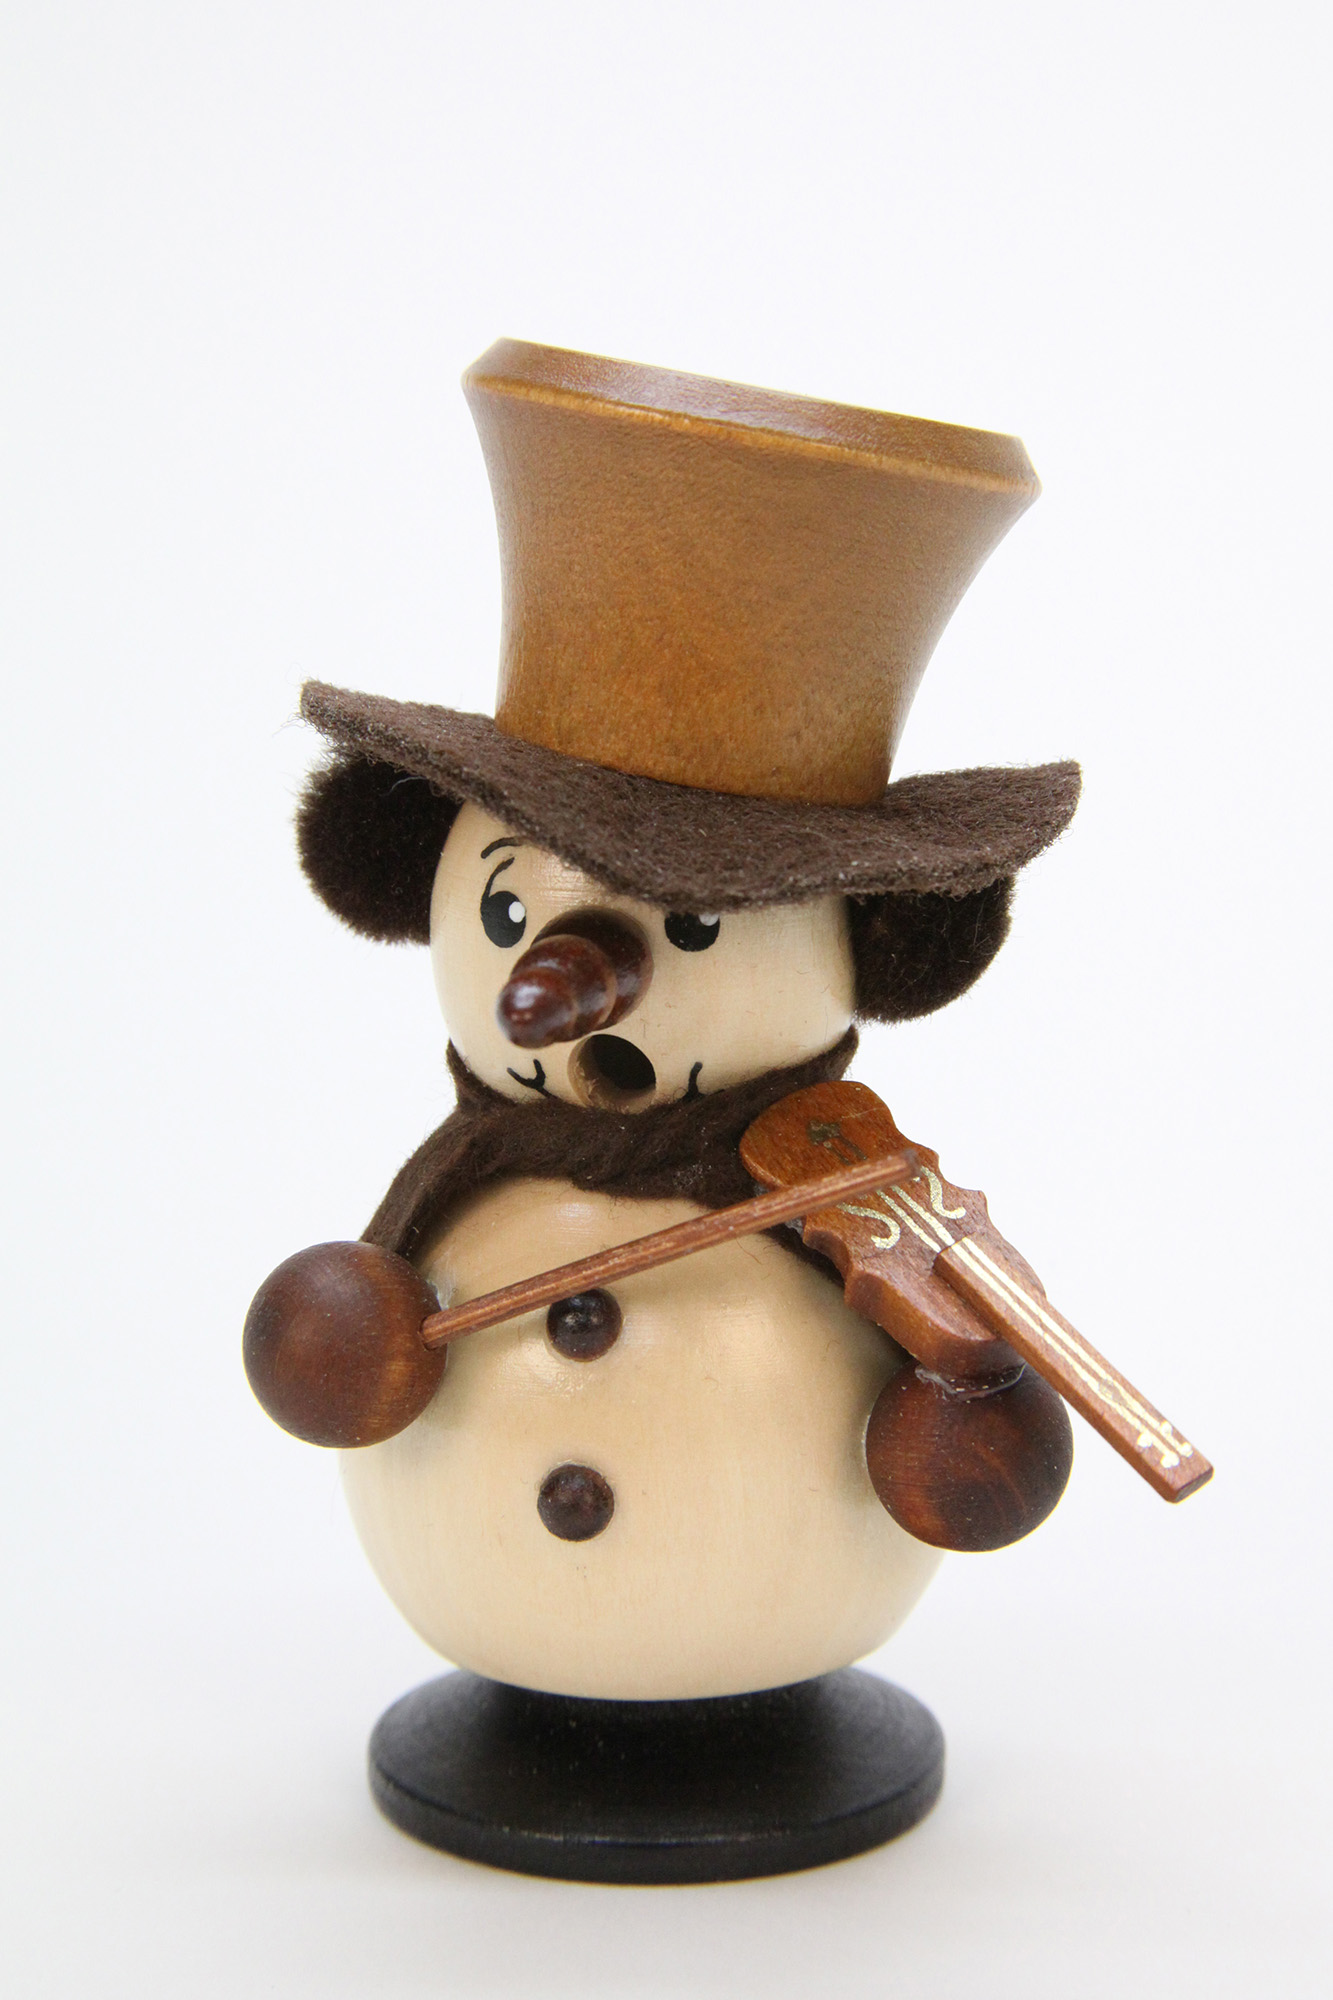 Räuchermännchen Schneebub mit Geige natur